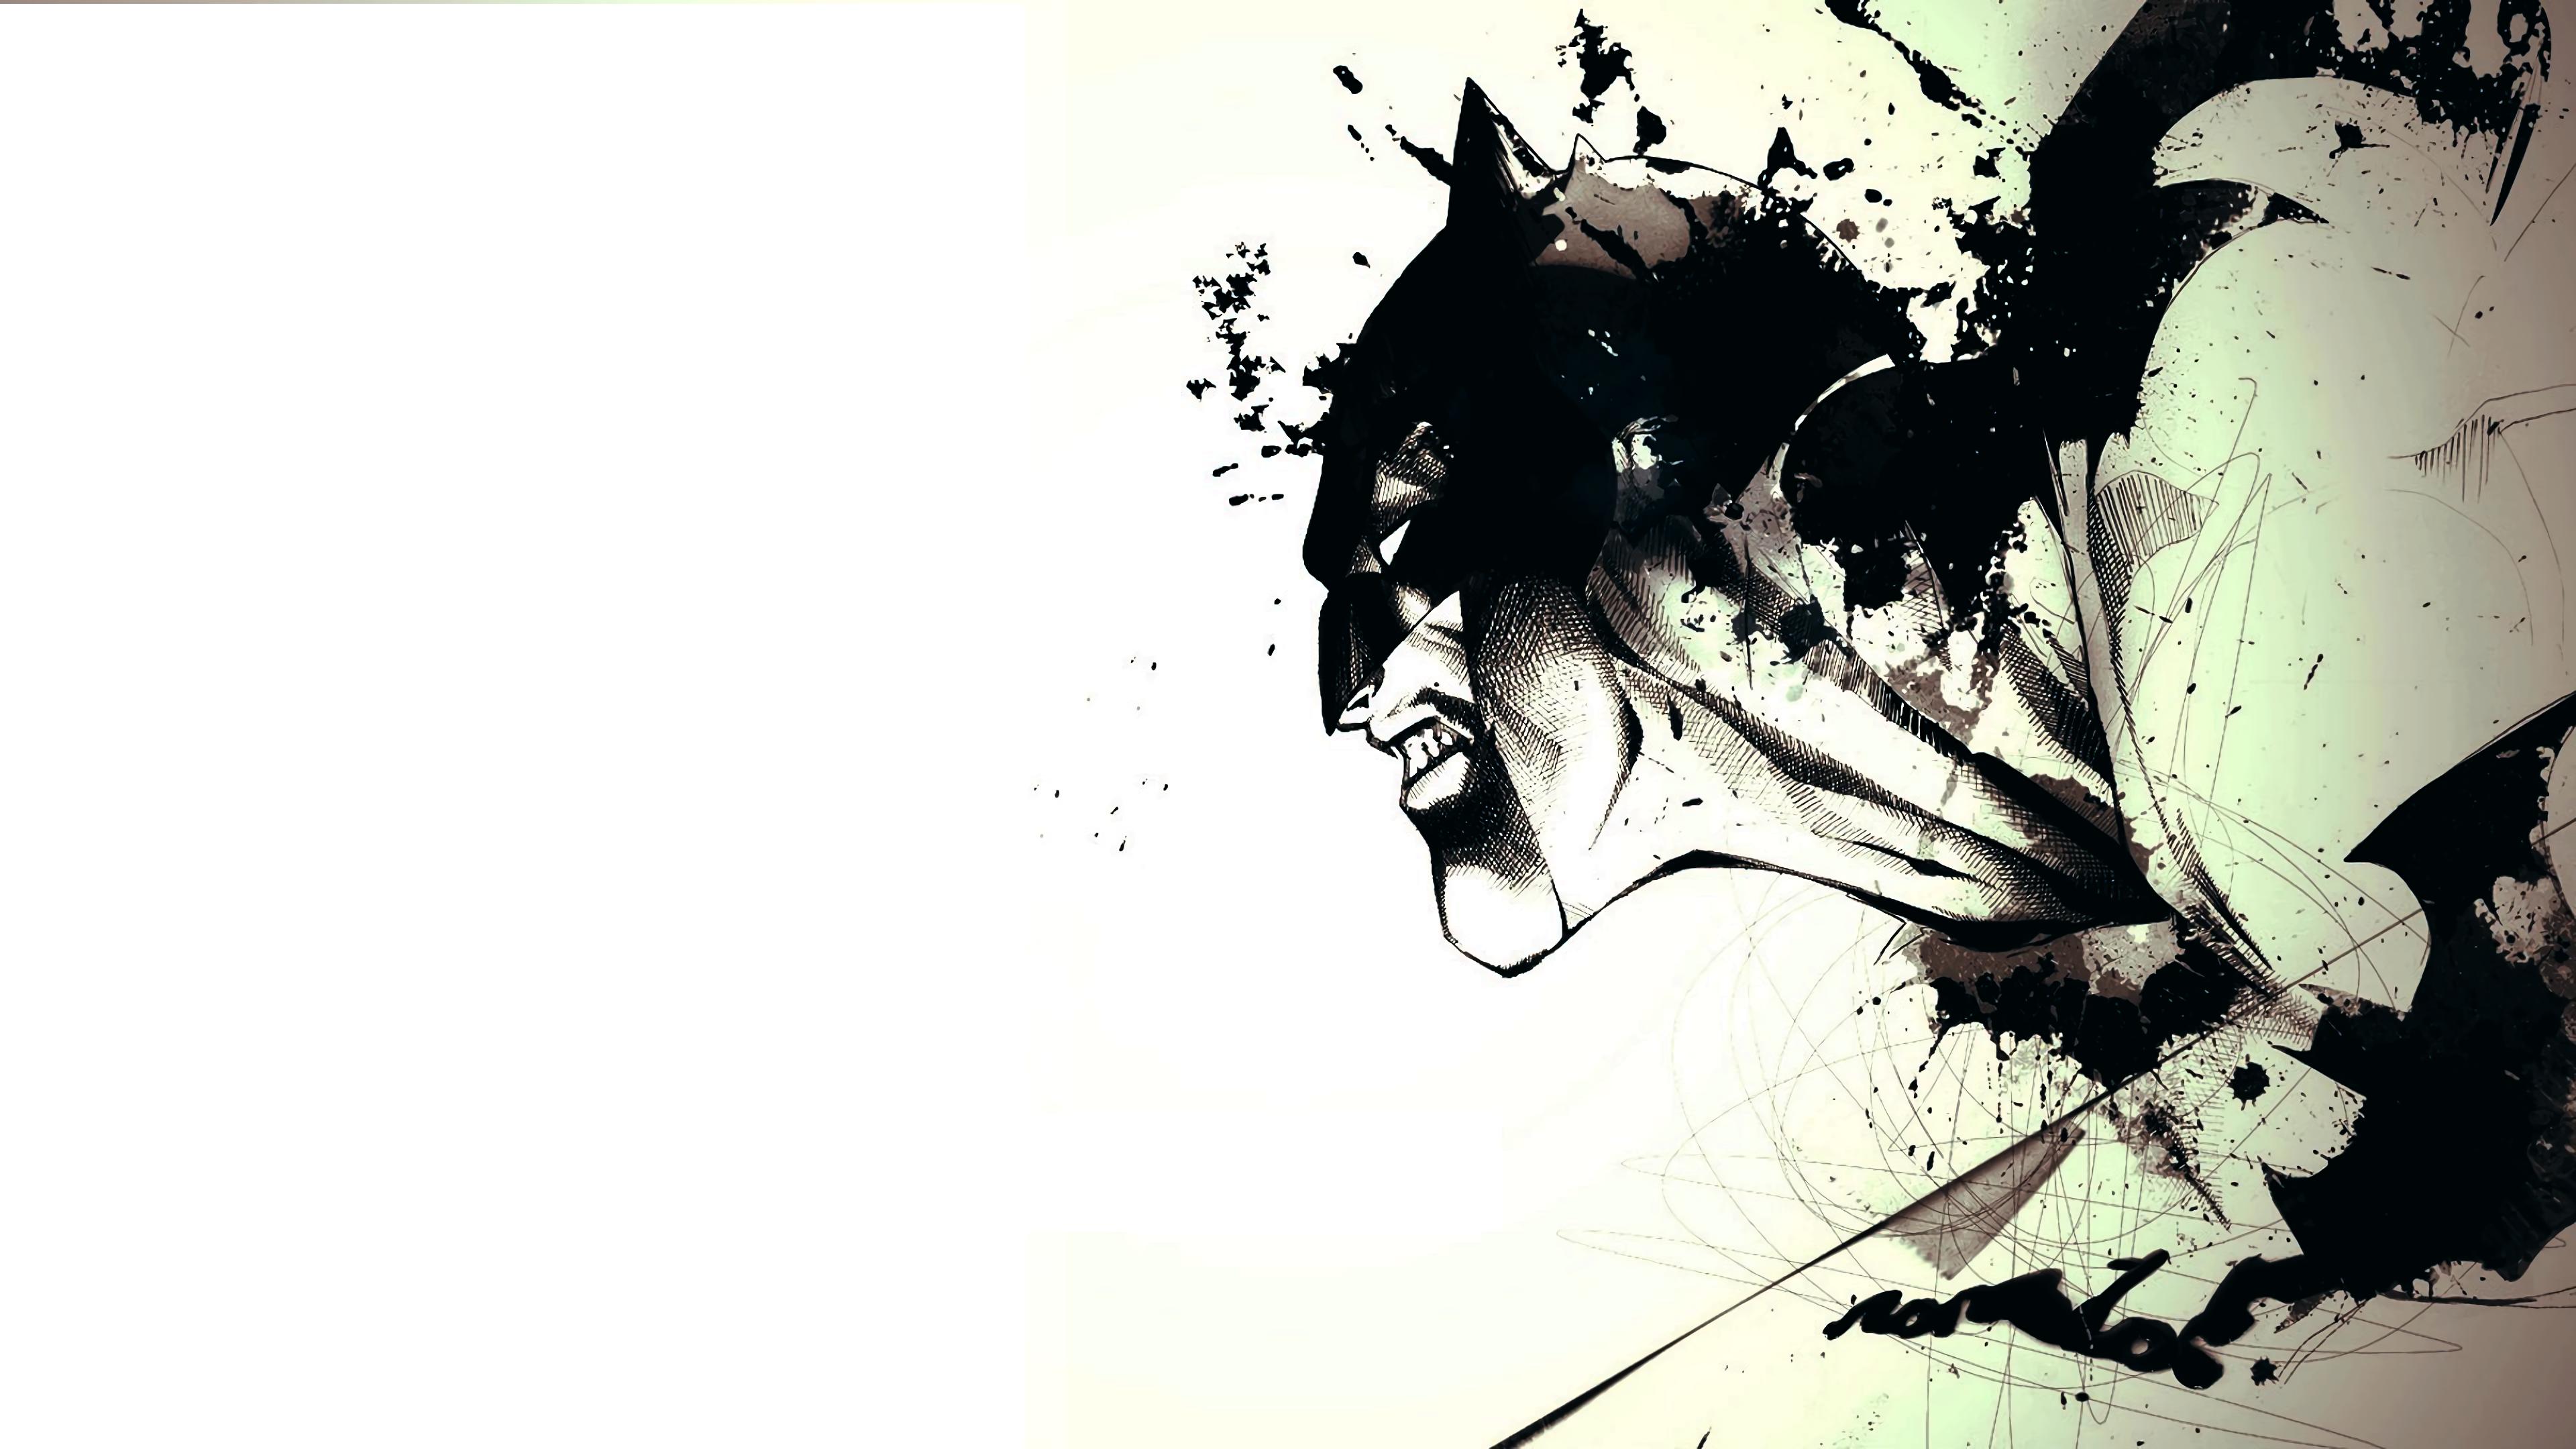 [Paling dicari] Gambar Sketsa Batman